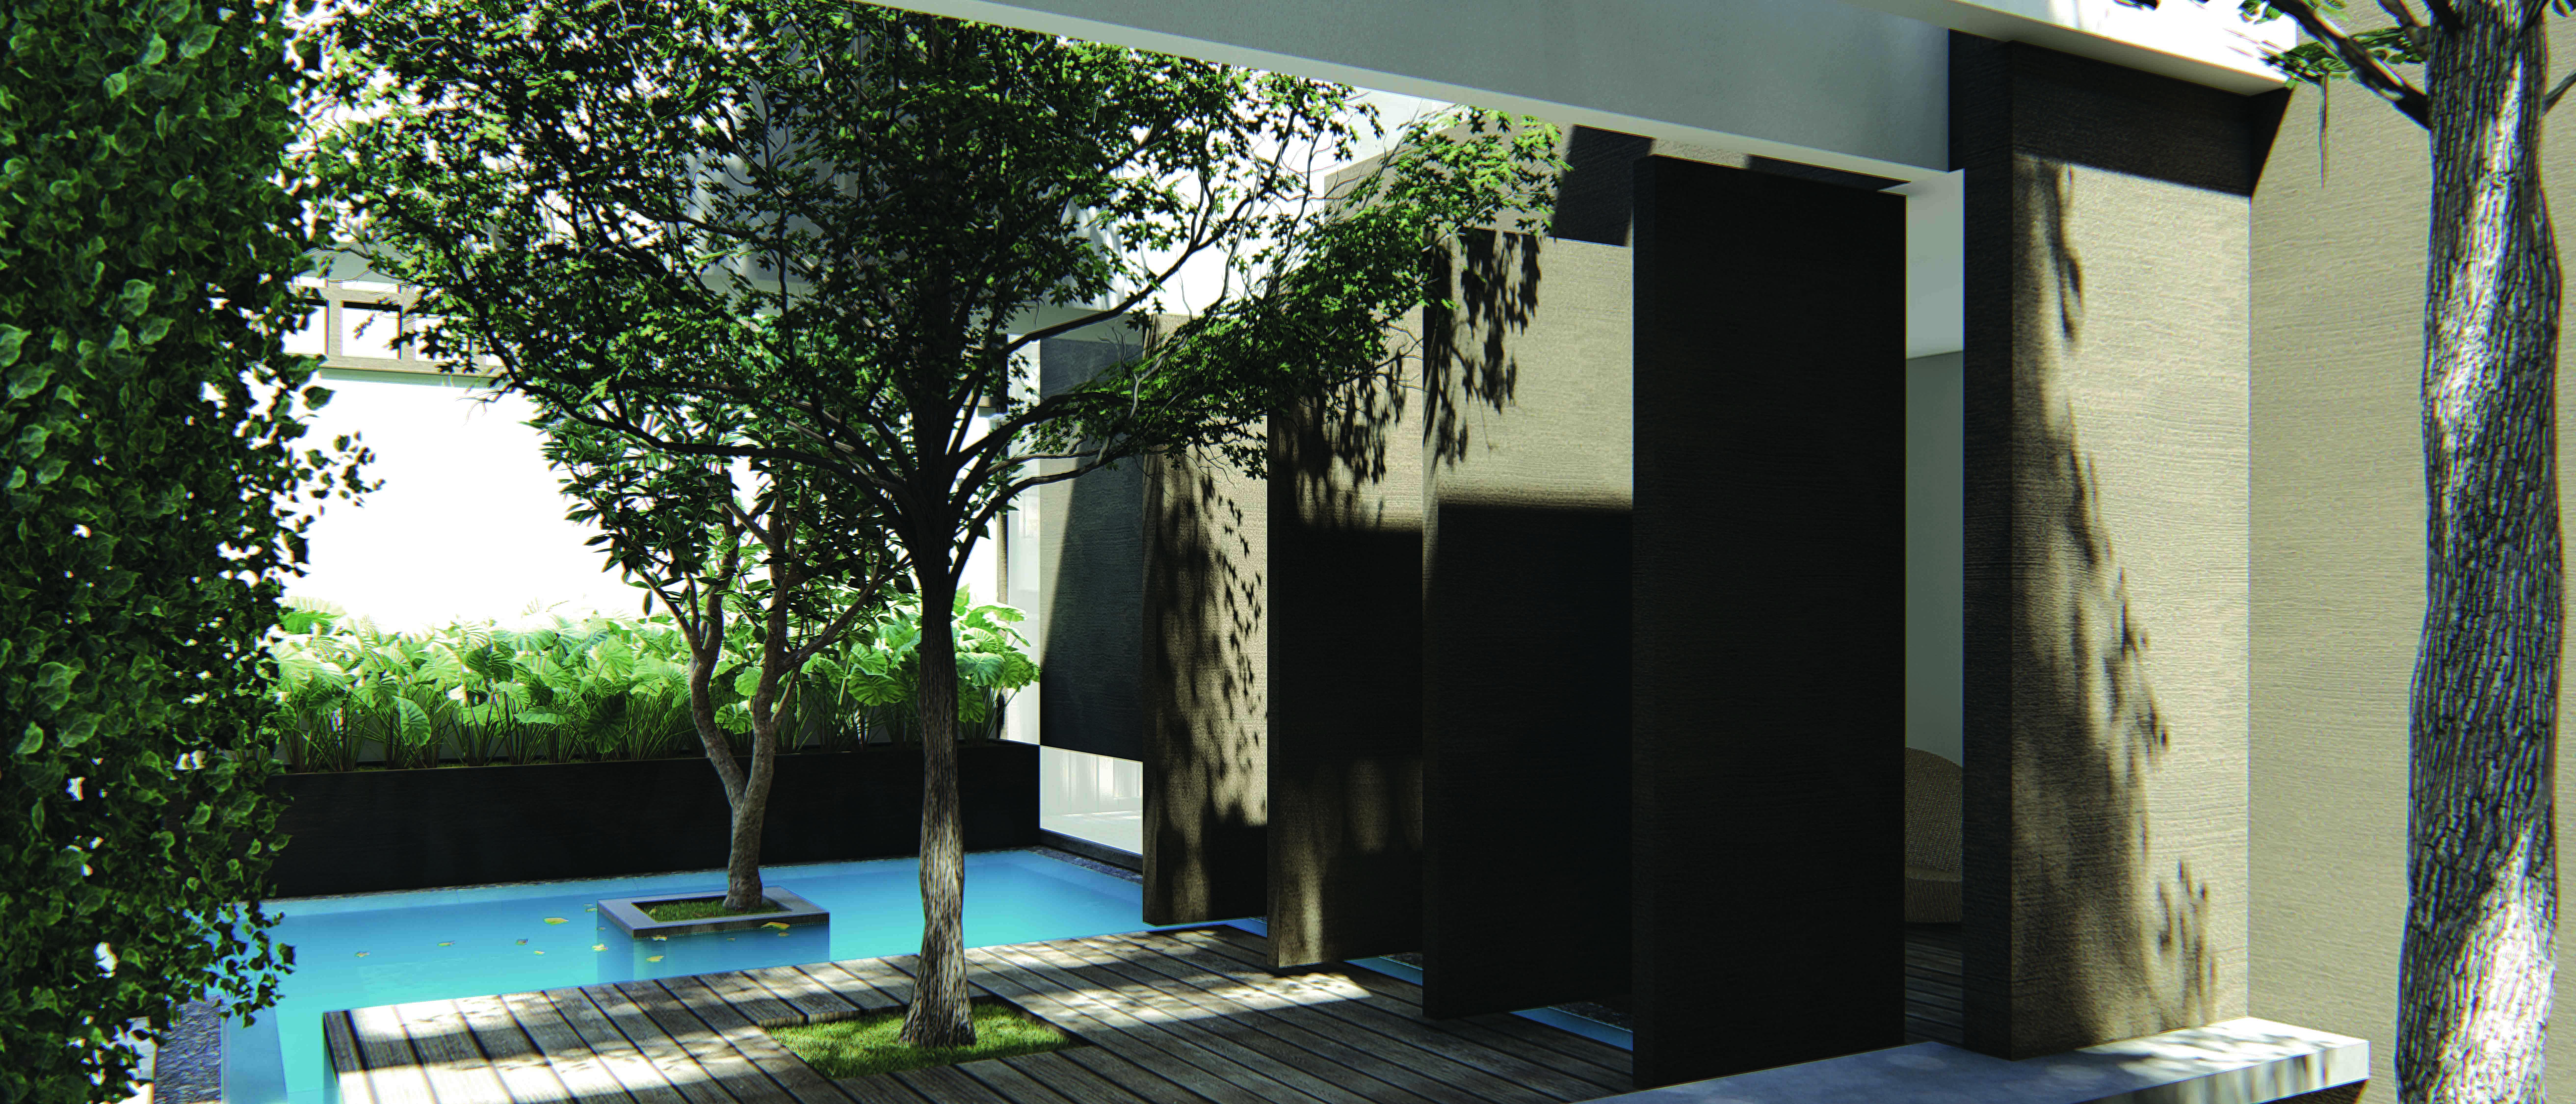 C House - Image 4